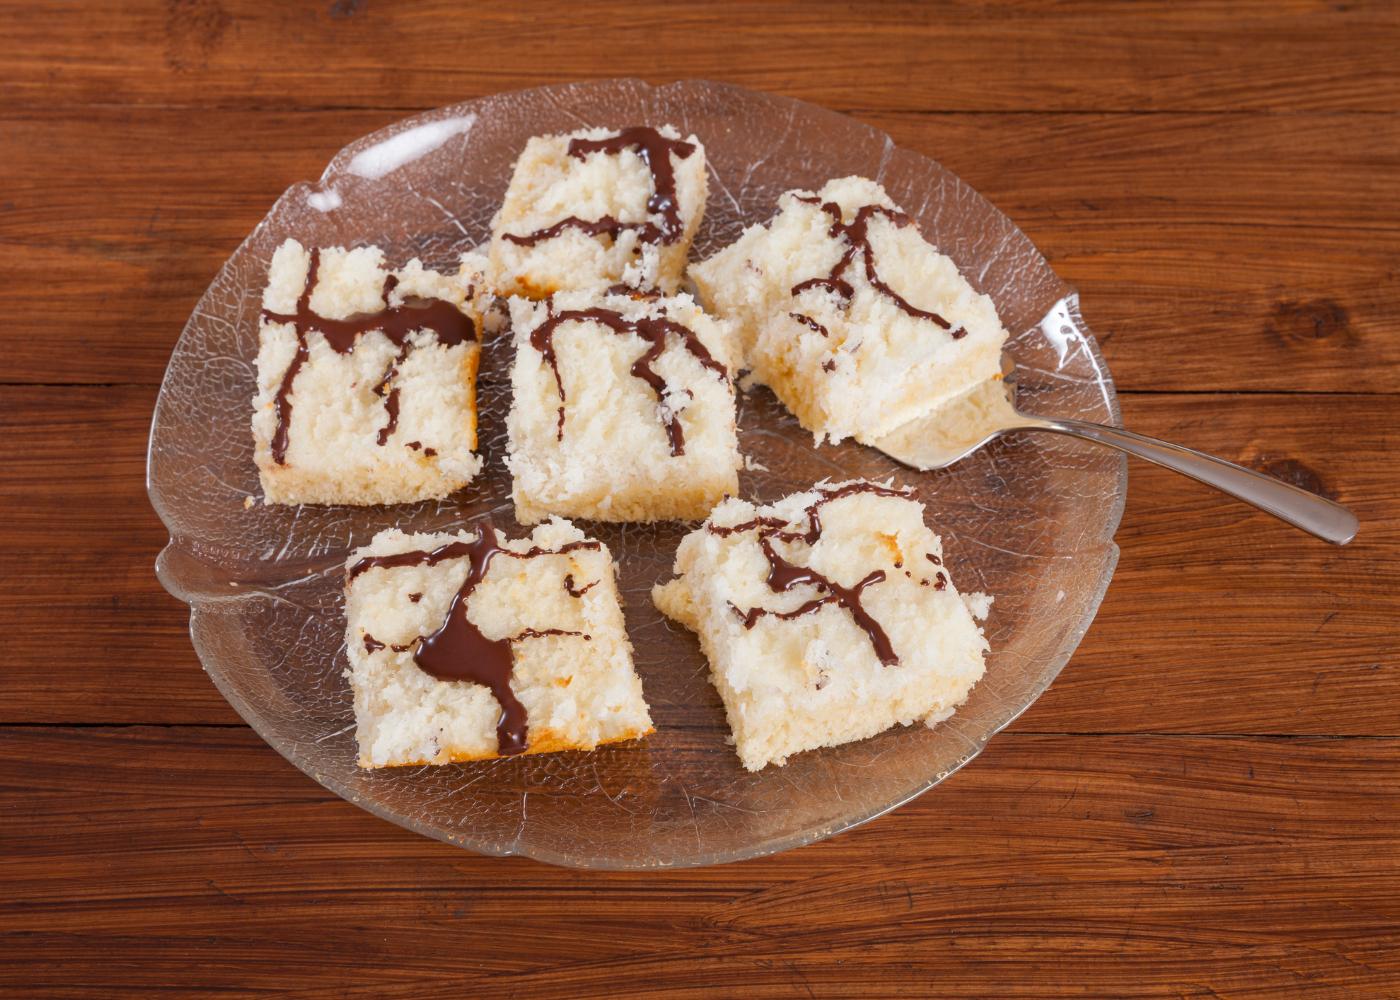 receitas de bolo de microondas para um lanche rapido e delicioso